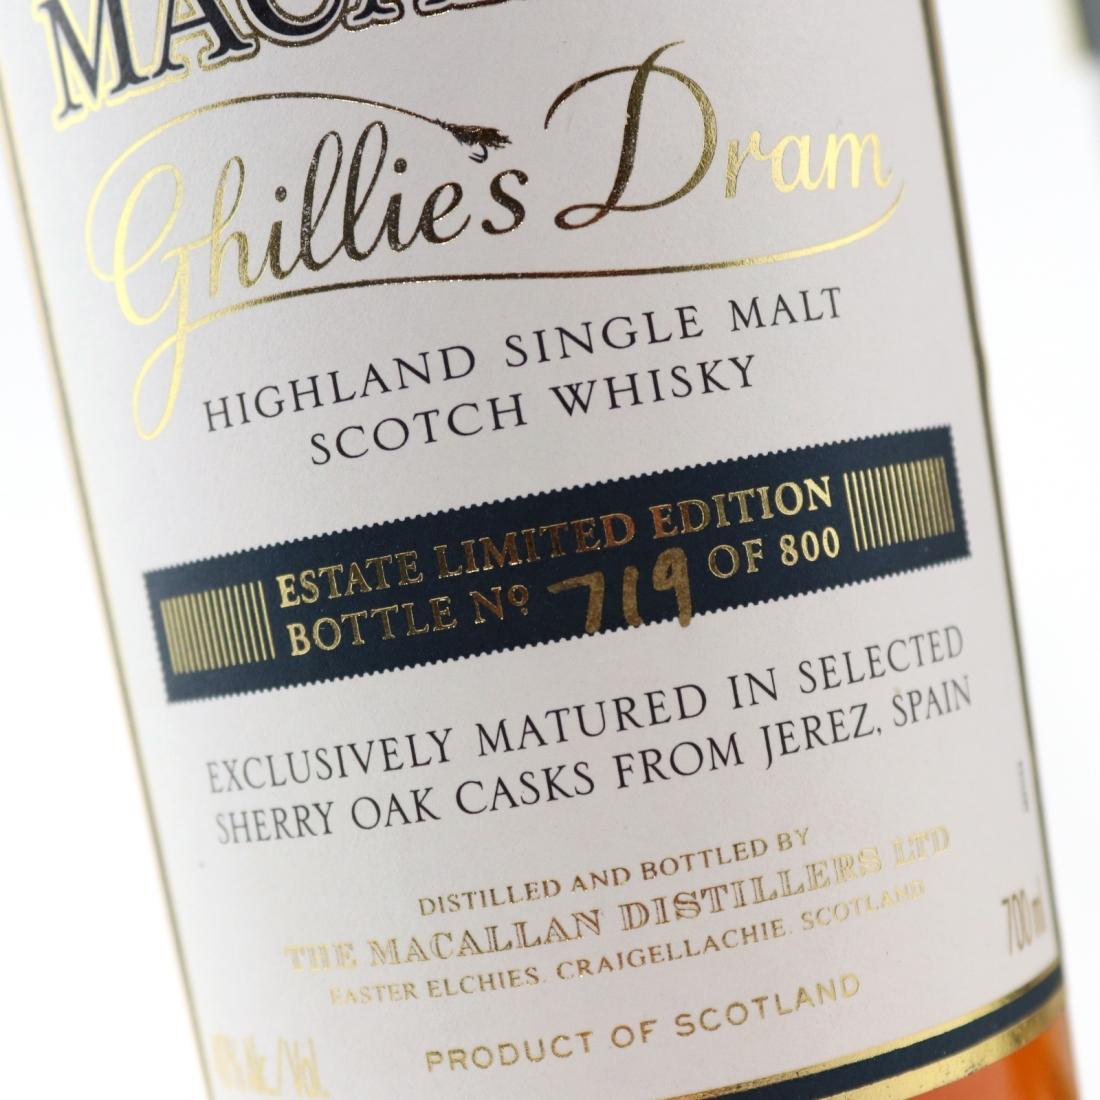 Macallan 12 Year Old Ghillie's Dram